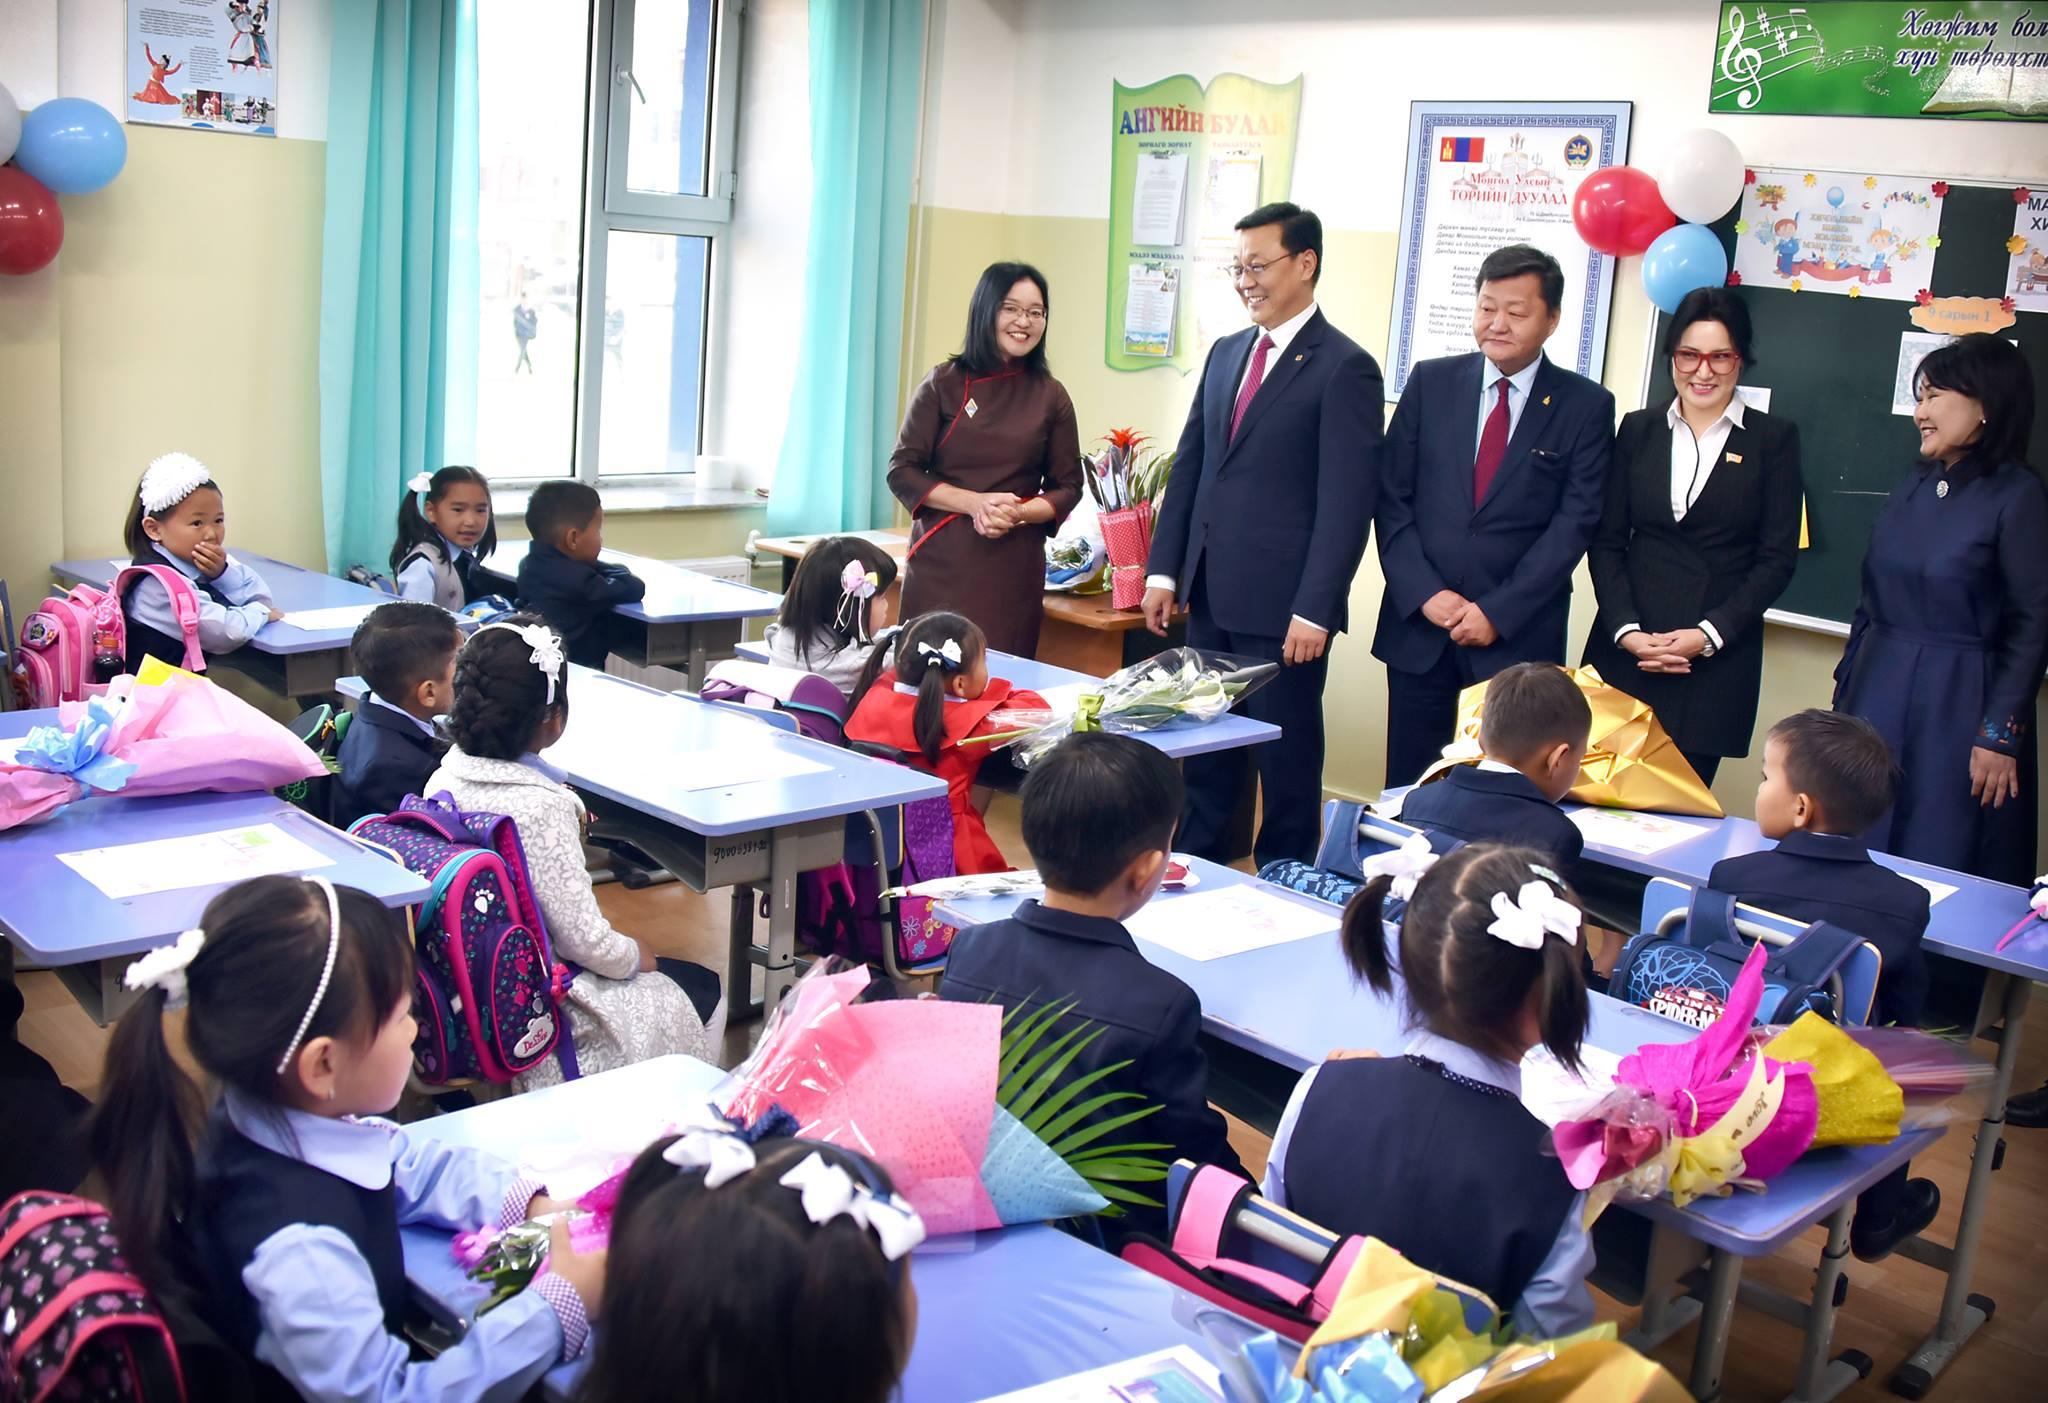 Монгол улсын Ерөнхий сайд хичээлийн шинэ жилийн нээлтэд оролцлоо